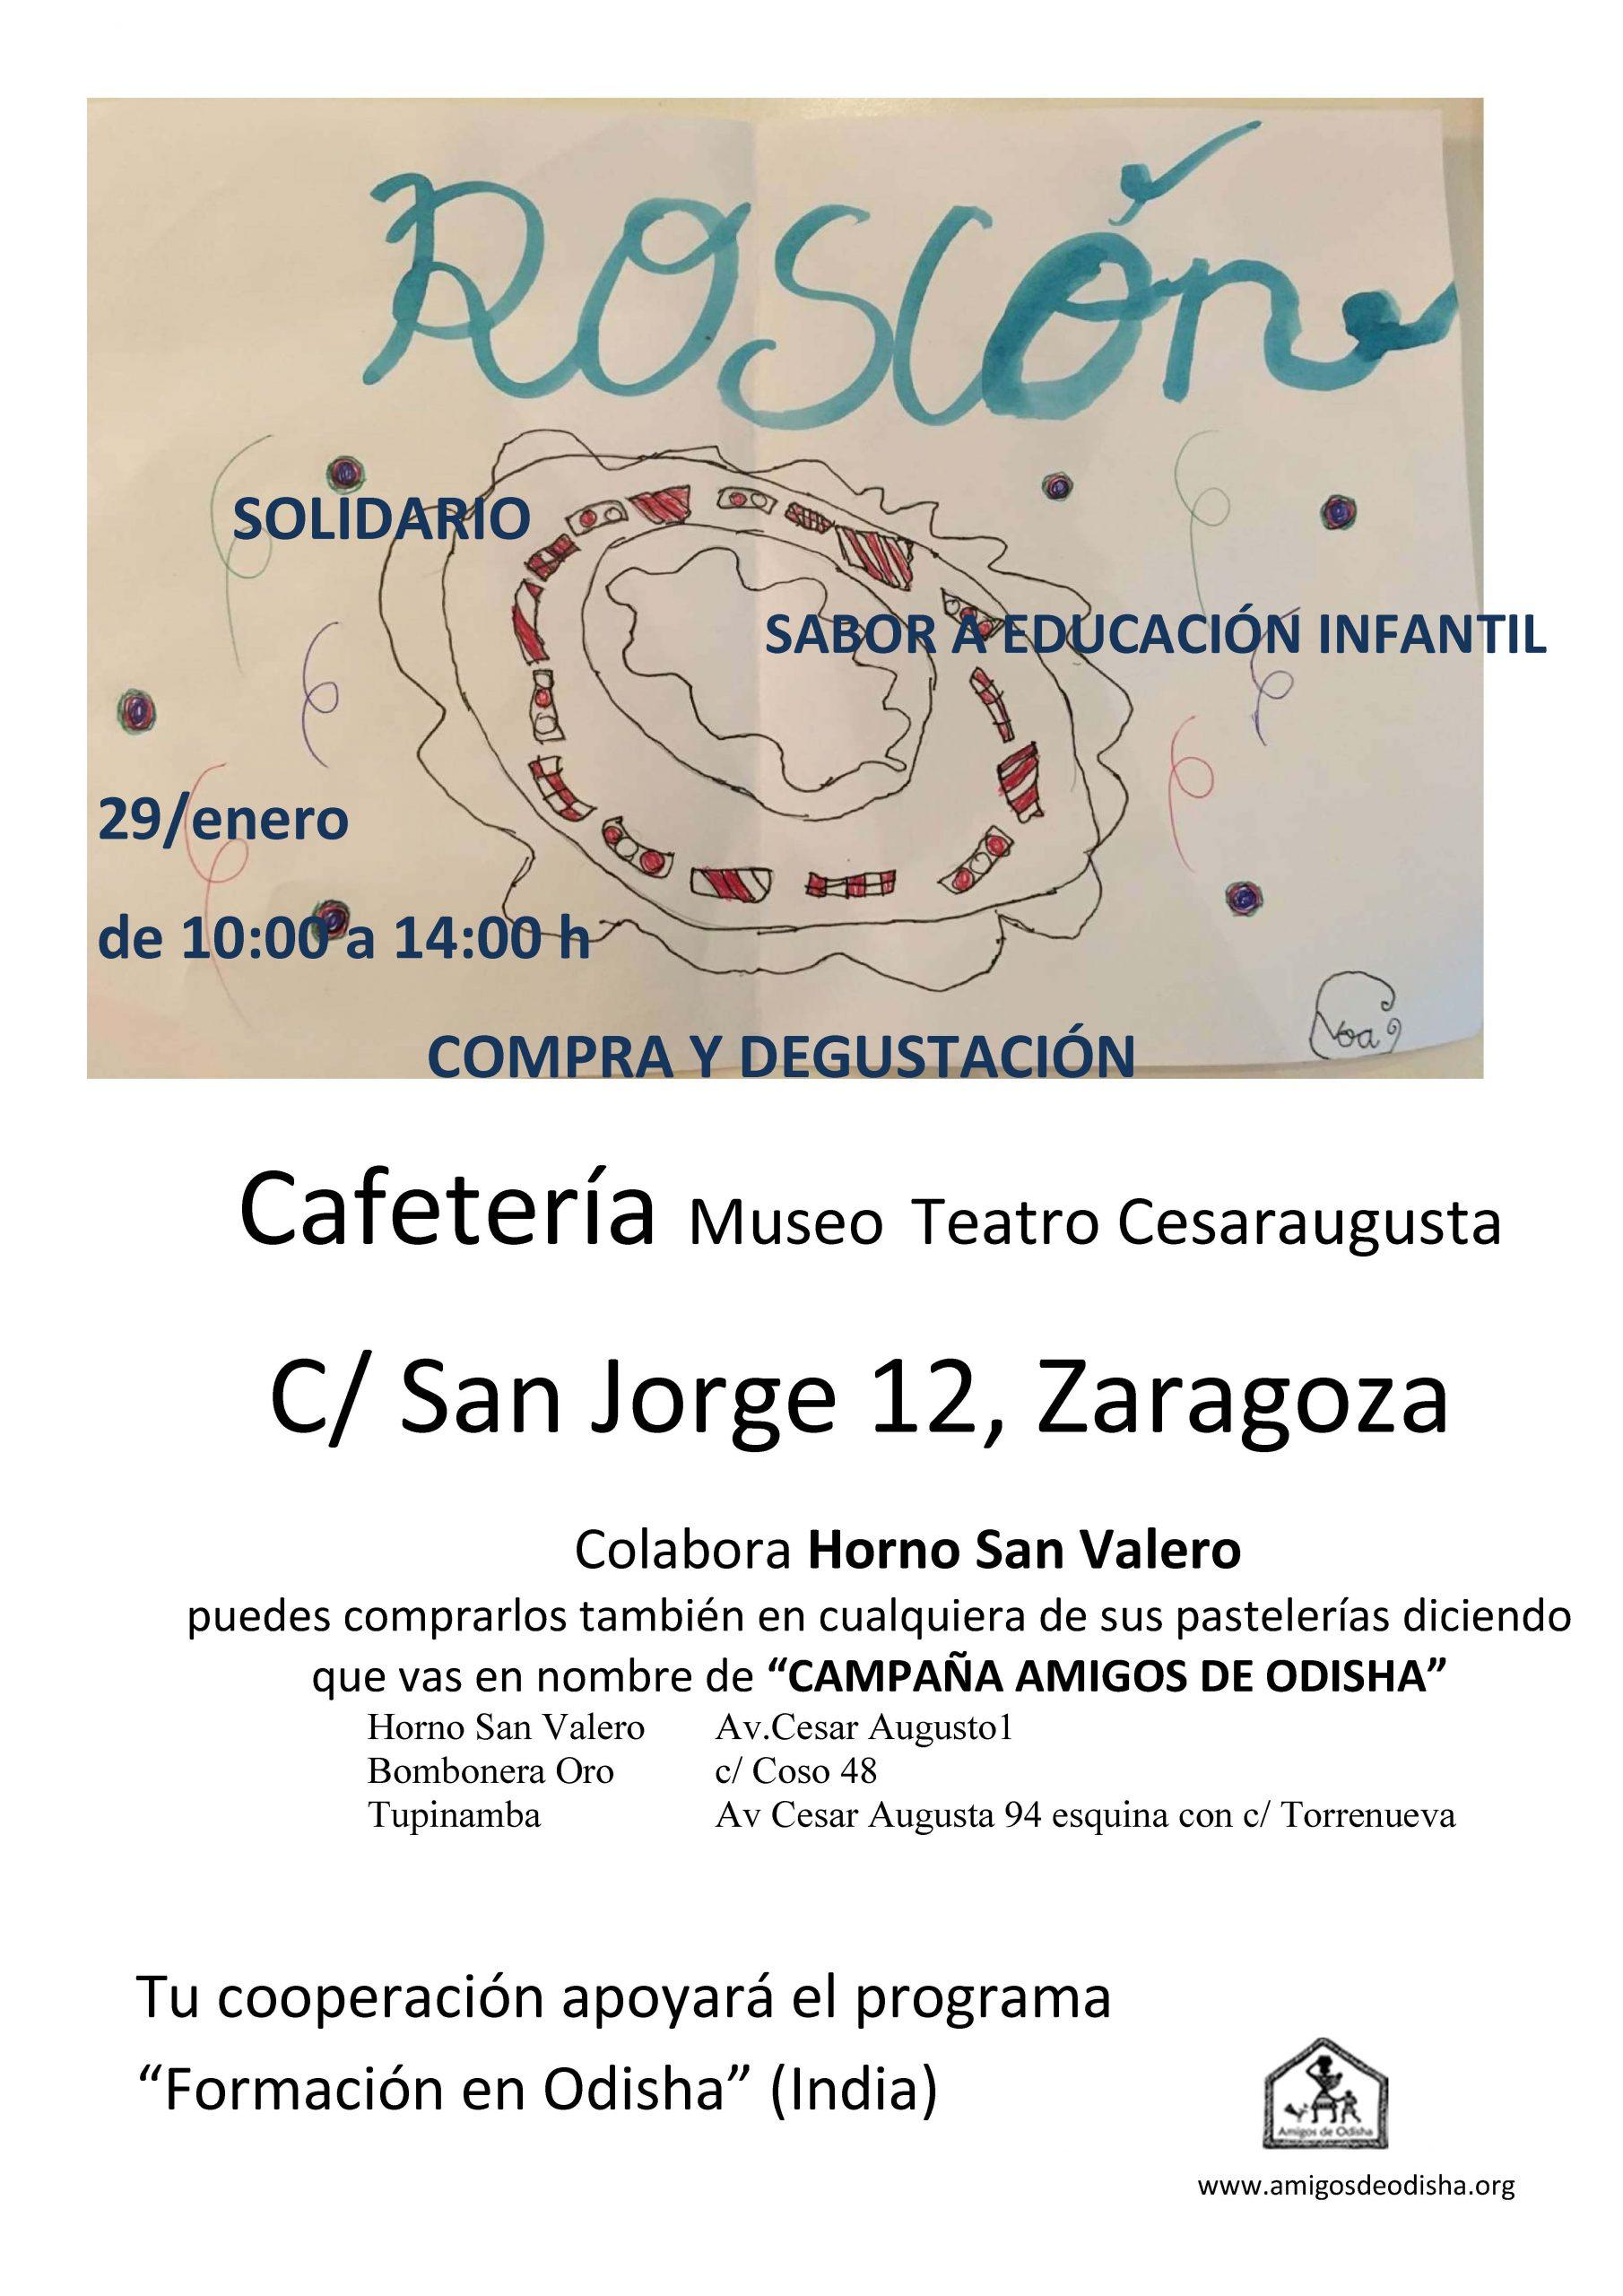 Roscón solidario en Zaragoza_2020